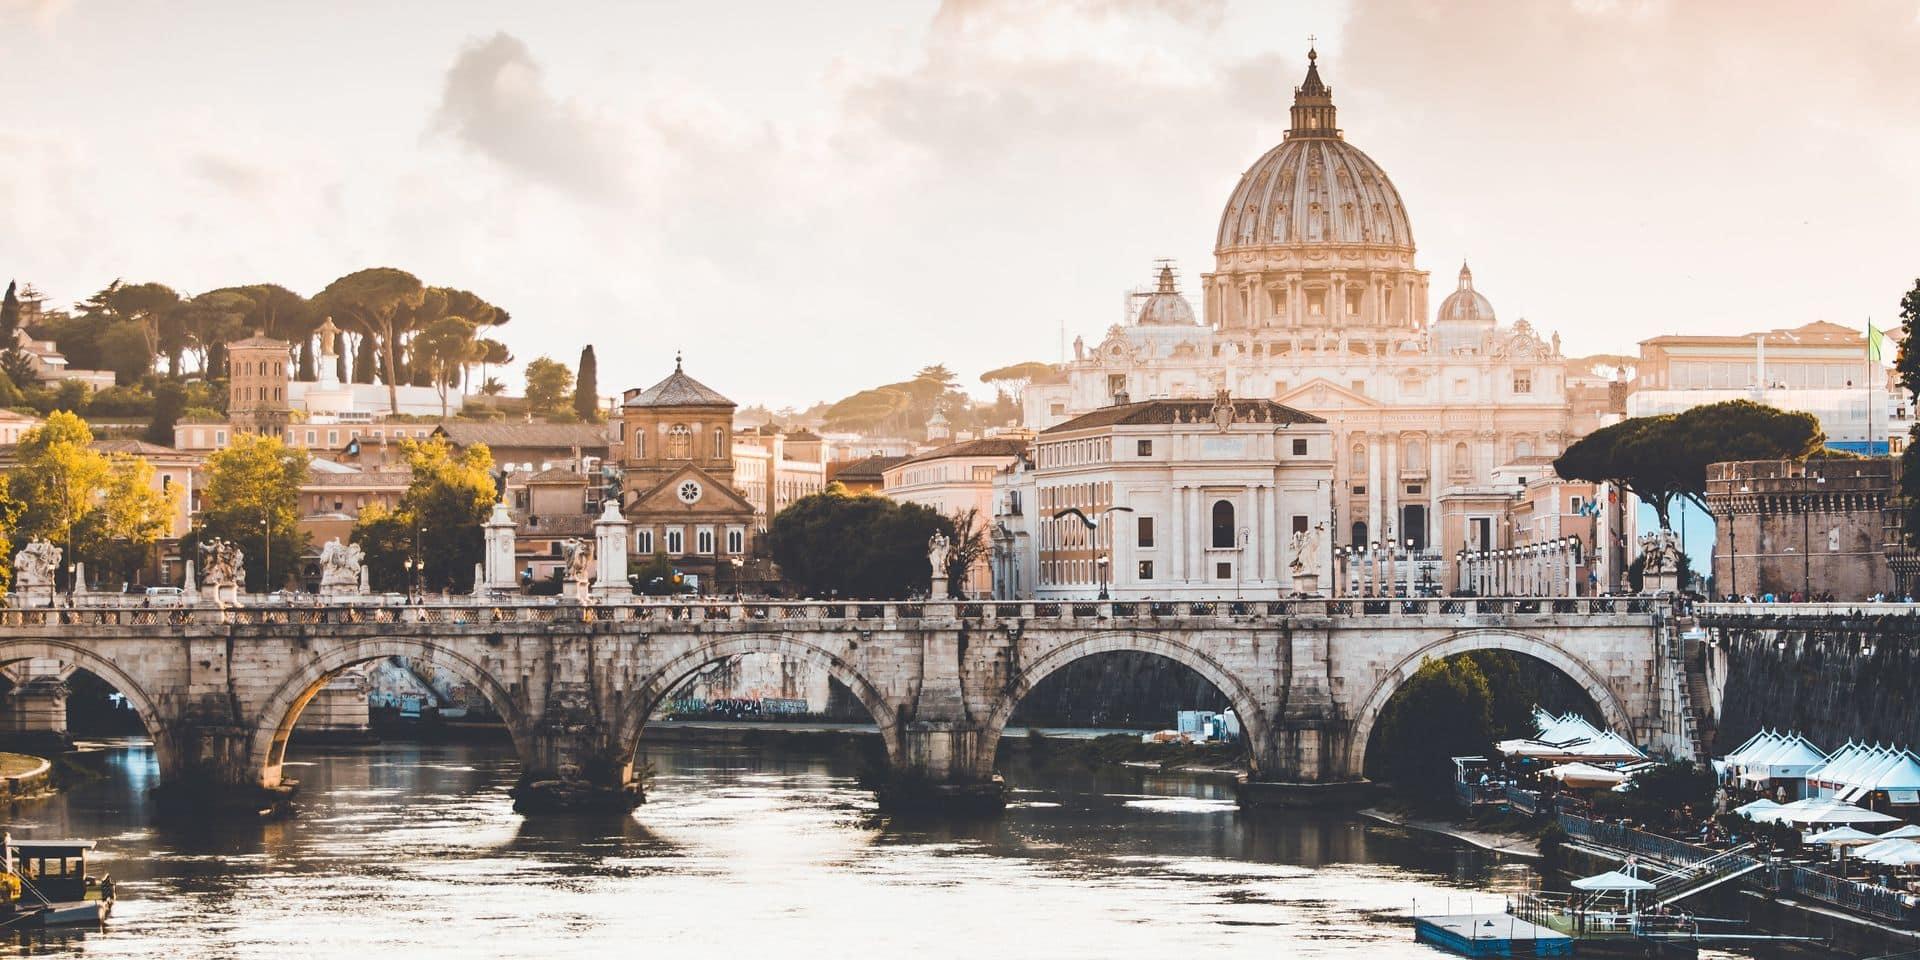 Découvrez les 15 meilleures destinations européennes de 2020